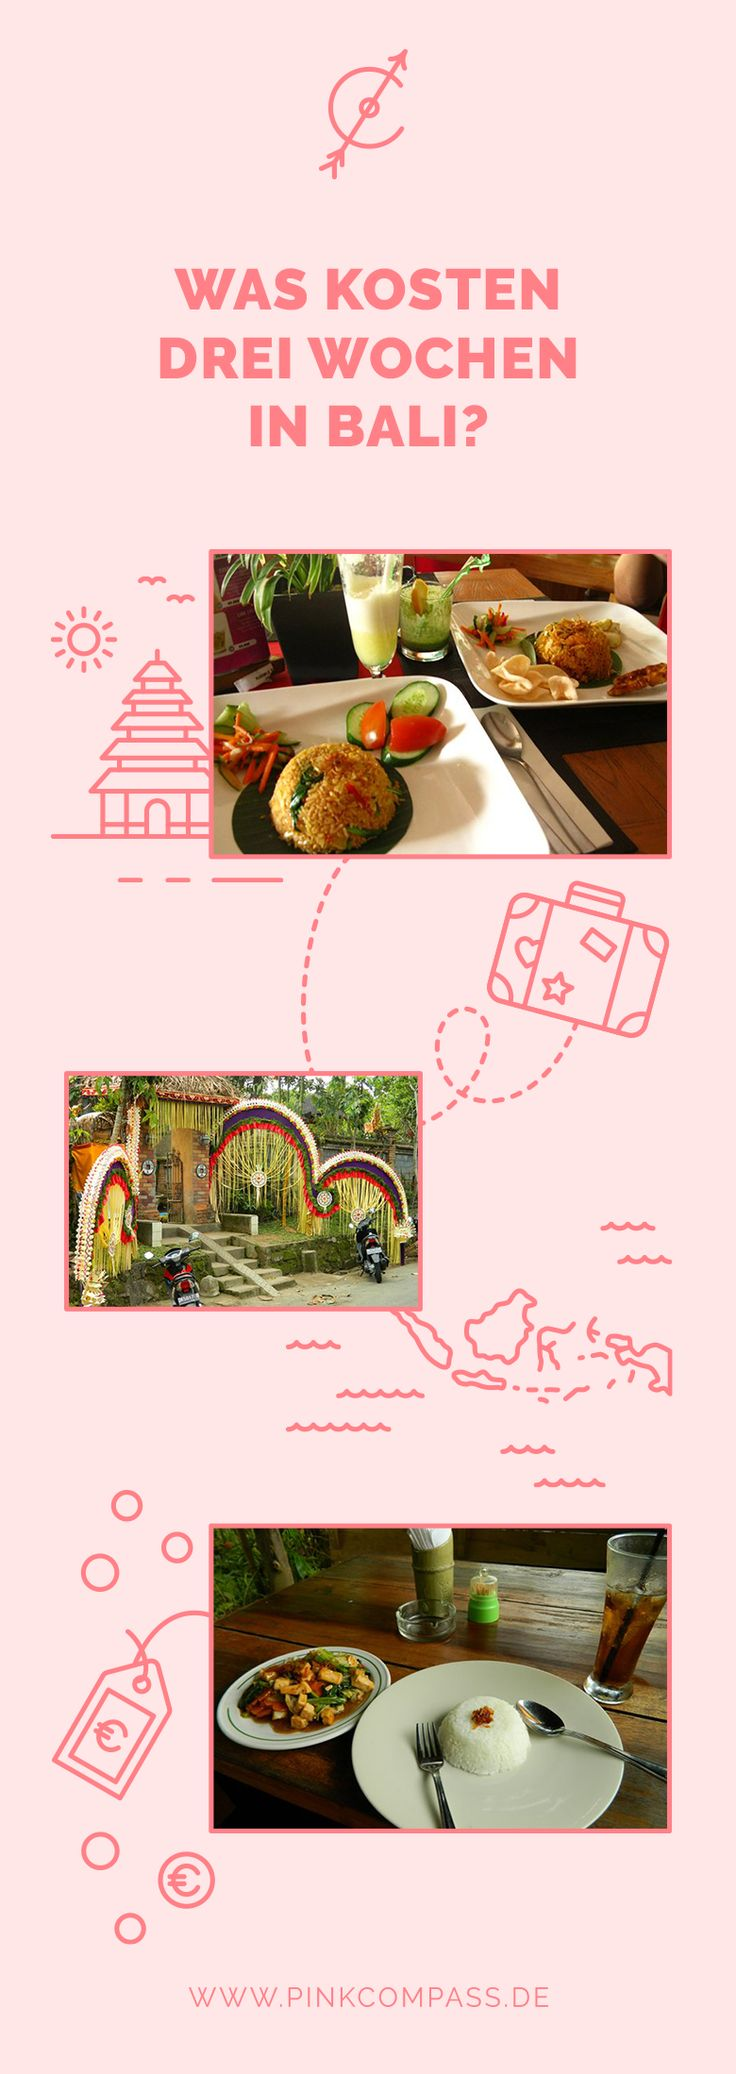 Immer wieder hänge ich an der Frage fest, wie viel Budget ein Urlaub auf Bali benötigt.  Diese Frage ist fast nicht zu beantworten, denn gerade auf Bali kannst Du für 20€ am Tag gut leben, aber auch genauso leicht 200€ ausgeben. Du kannst beim Urlaub auf Bali Hotels, Hostels oder Airbnb nutzen, teuer und günstig essen.